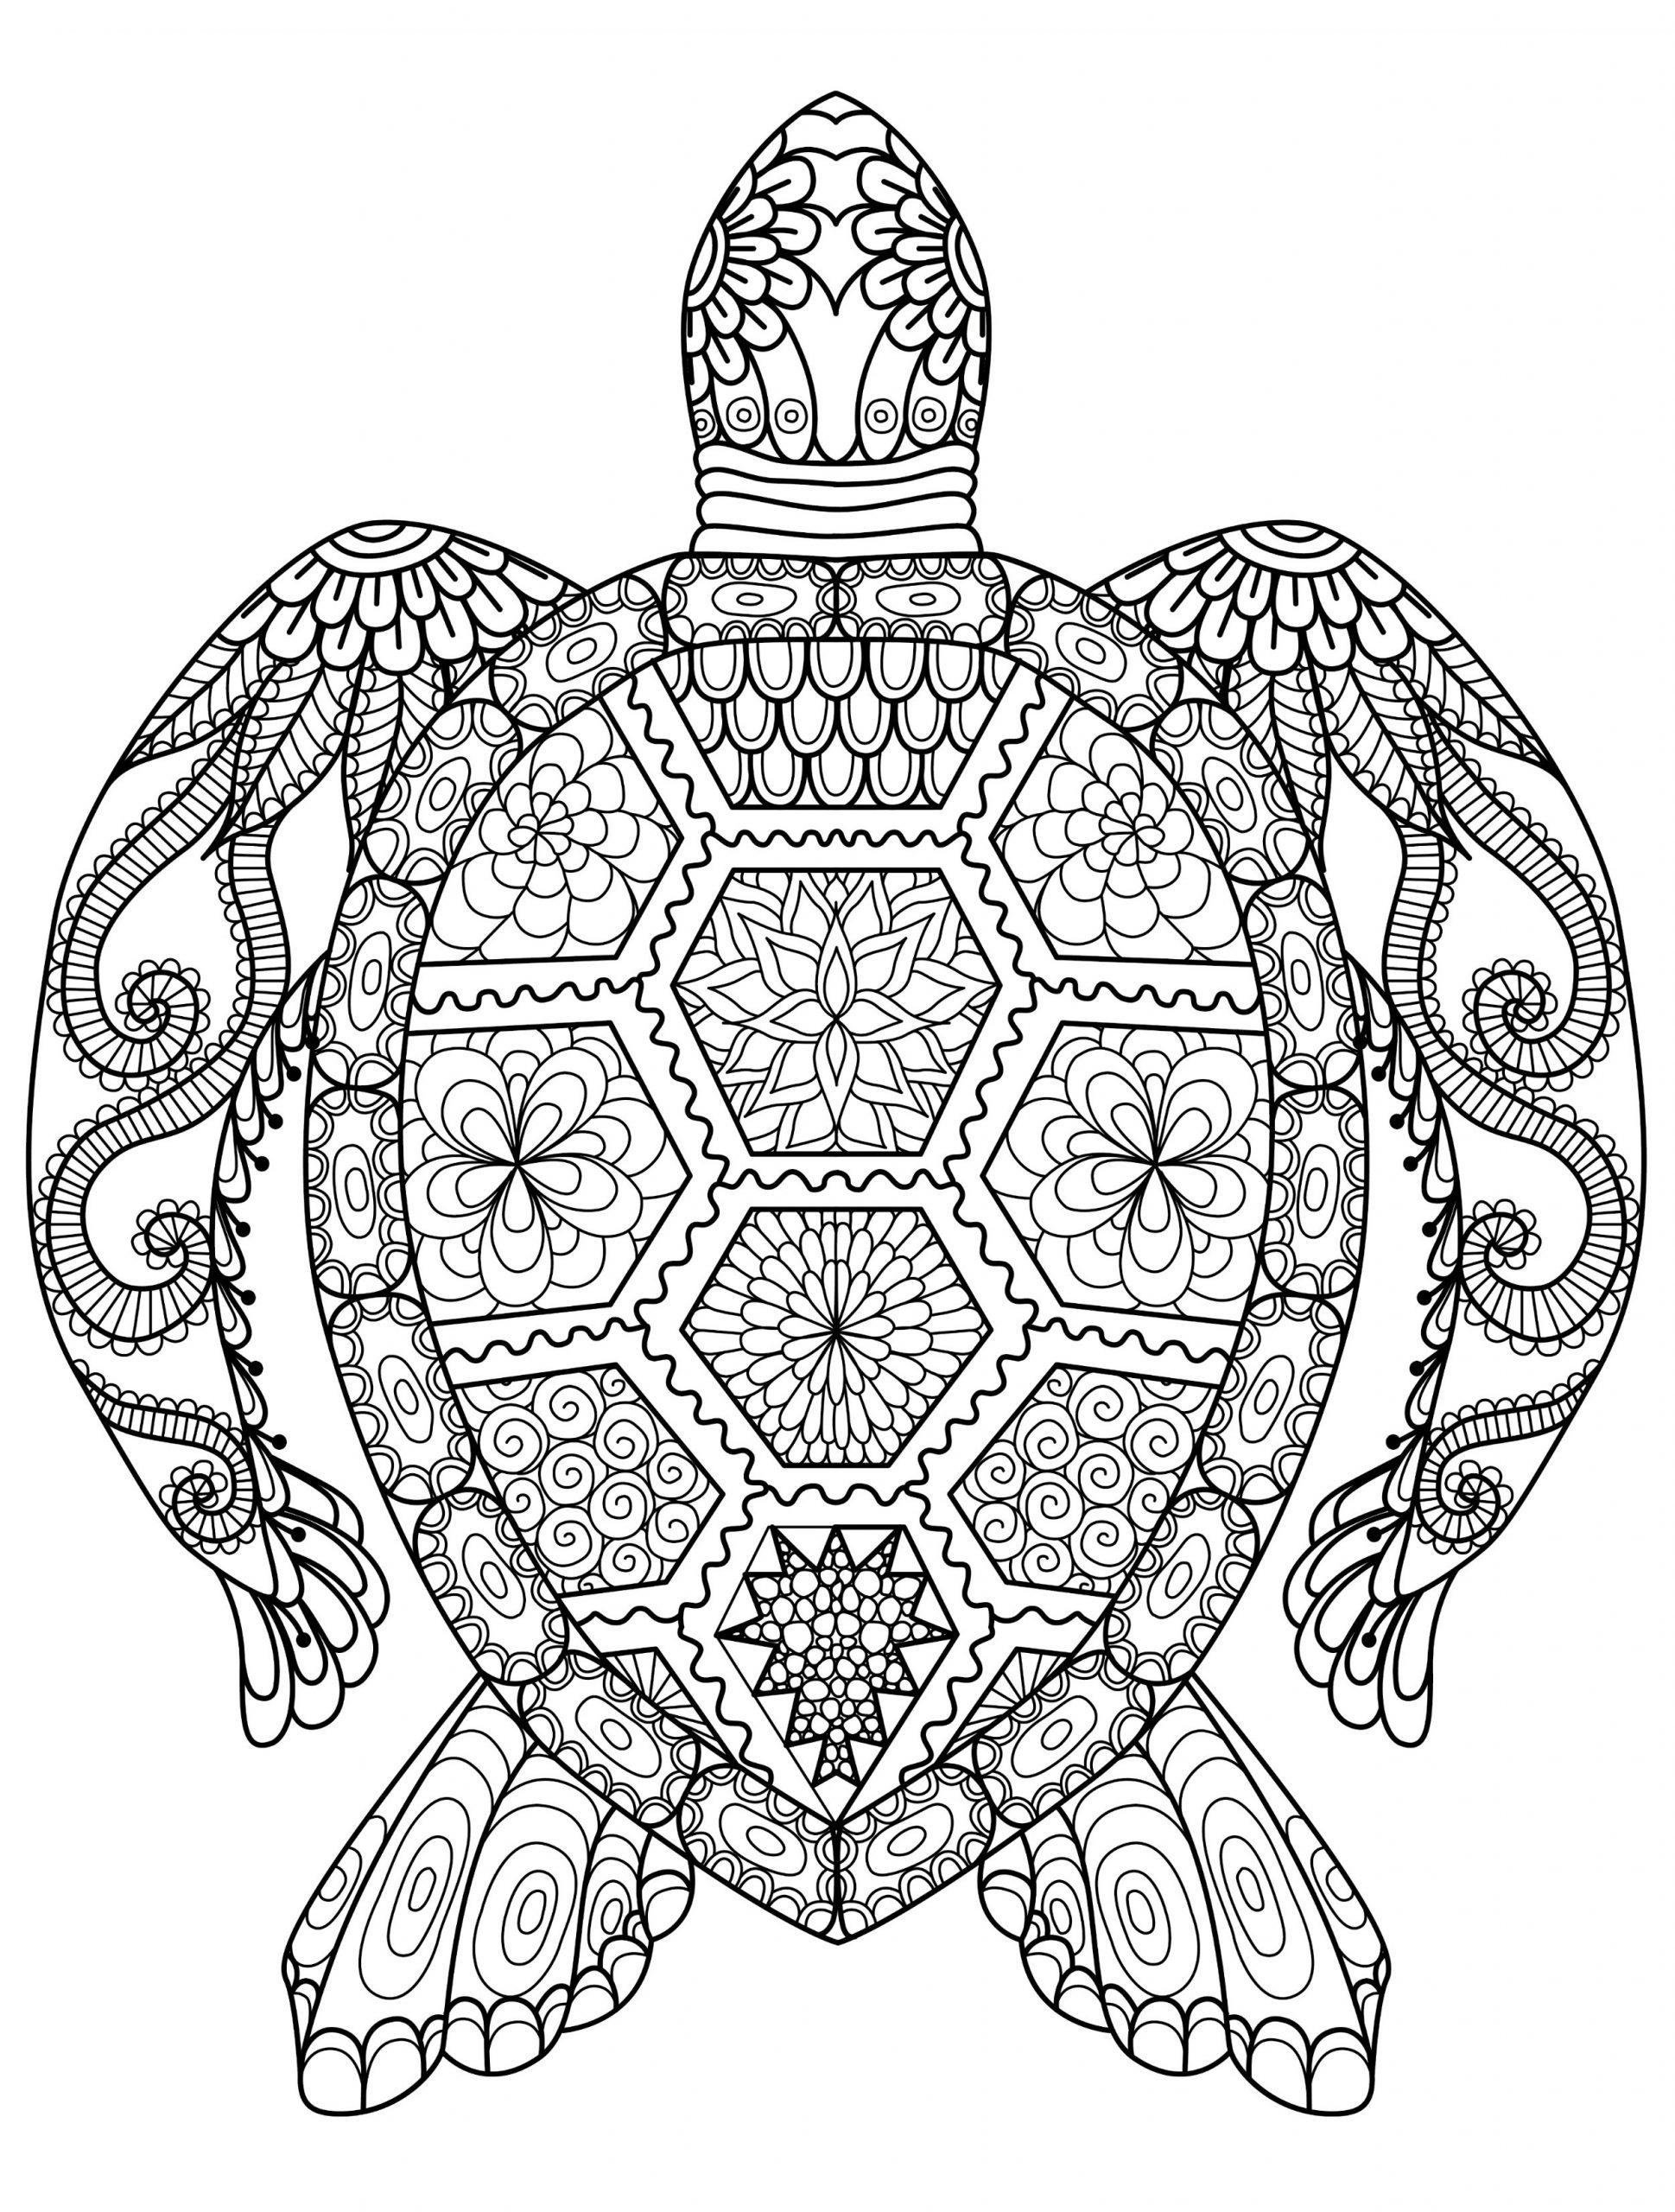 30 Beste Ausmalbilder Für Erwachsene Zum Ausdrucken über Ausmalbilder Mandala